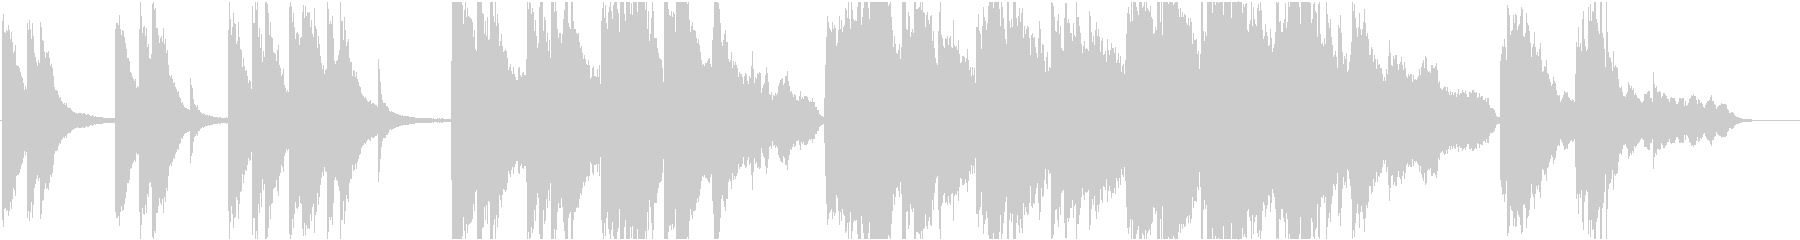 企業VP16 16bit44kHzVerの未再生の波形